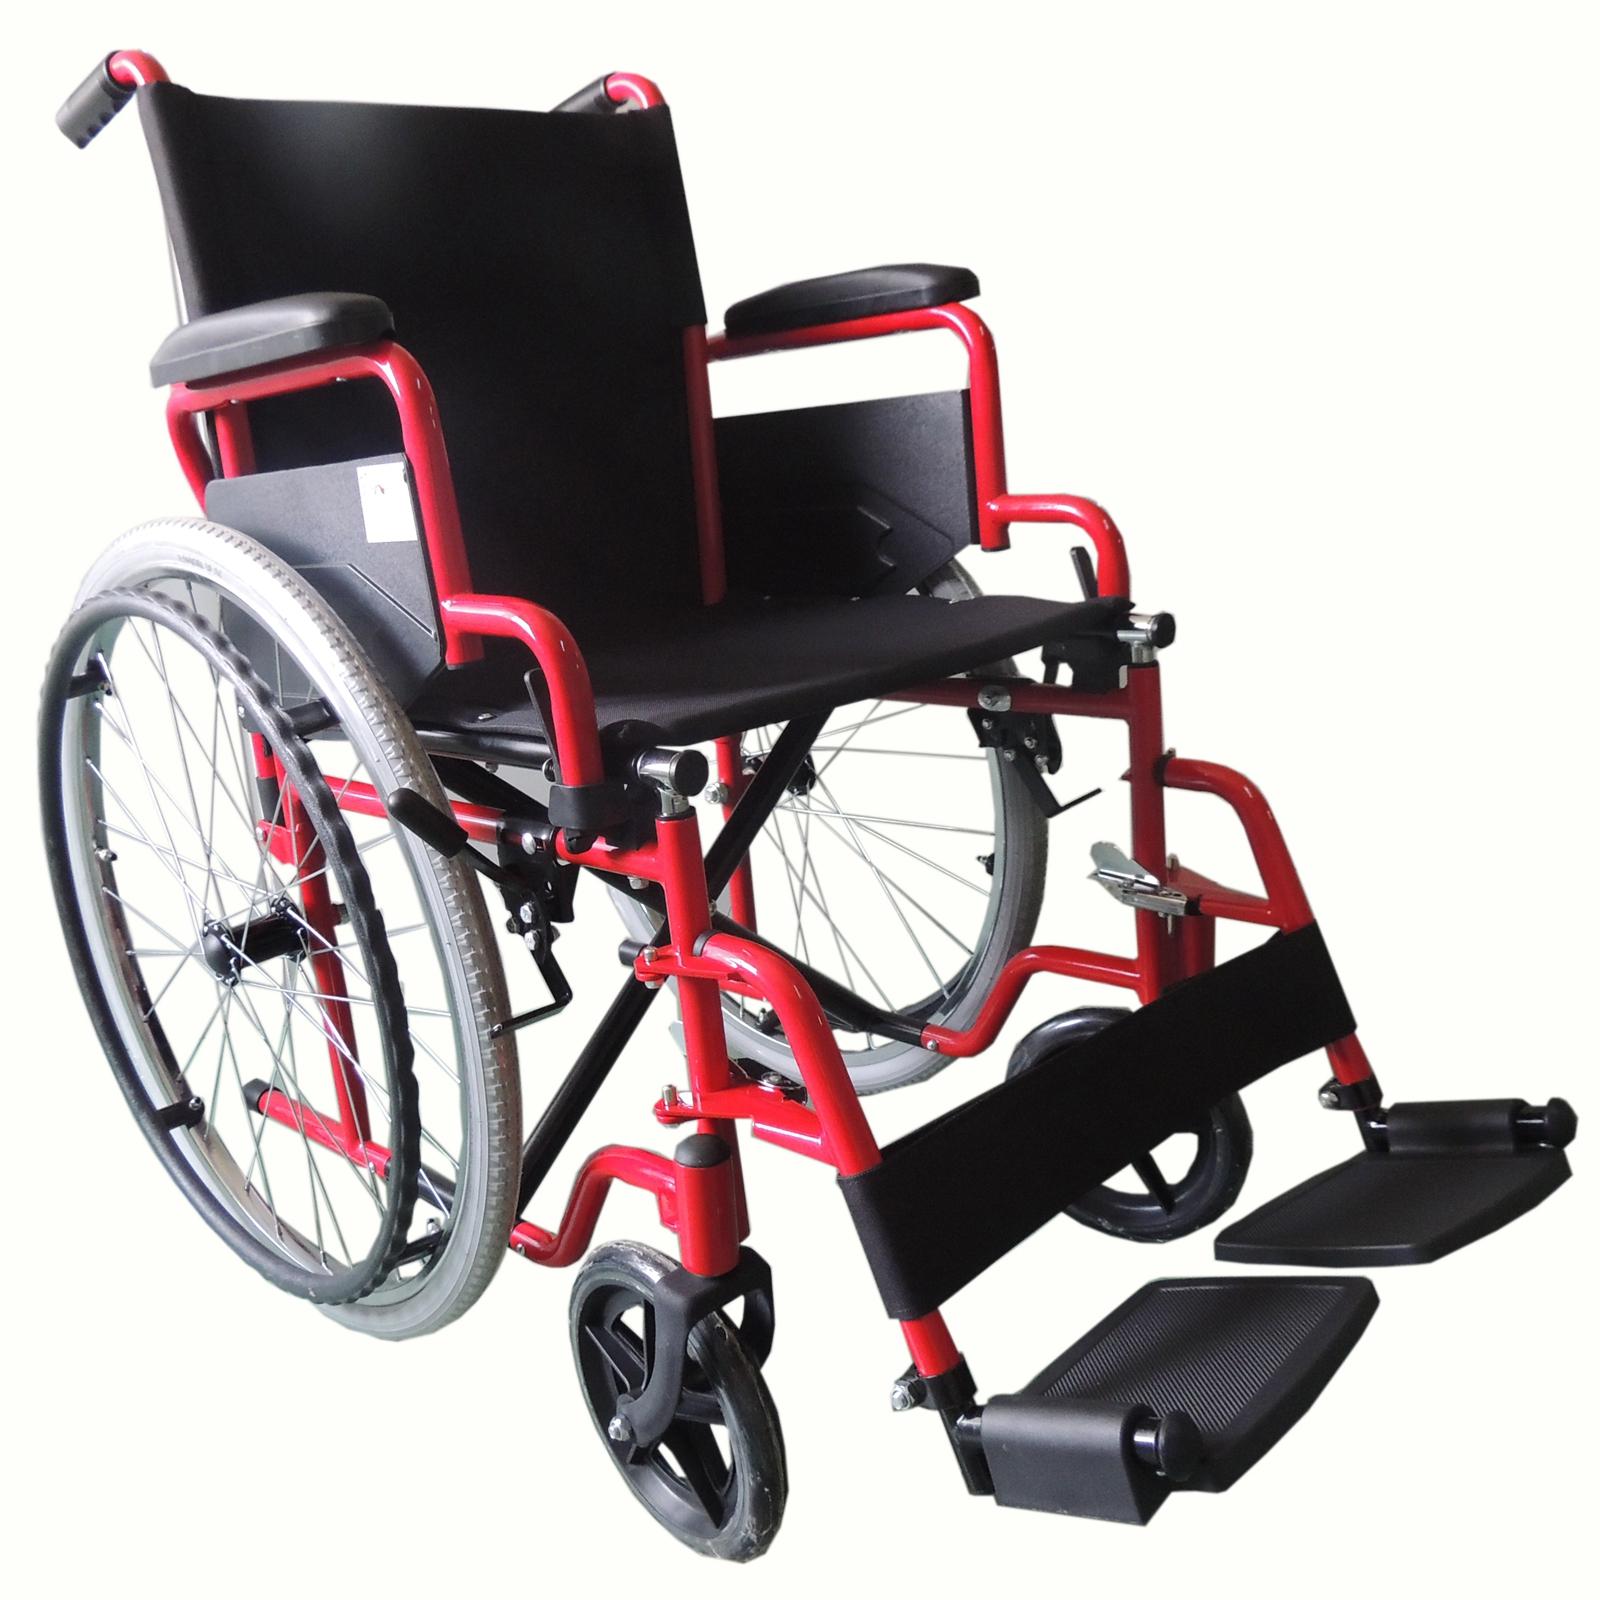 Venta silla de ruedas usadas sharemedoc - Sillas ruedas electricas usadas ...